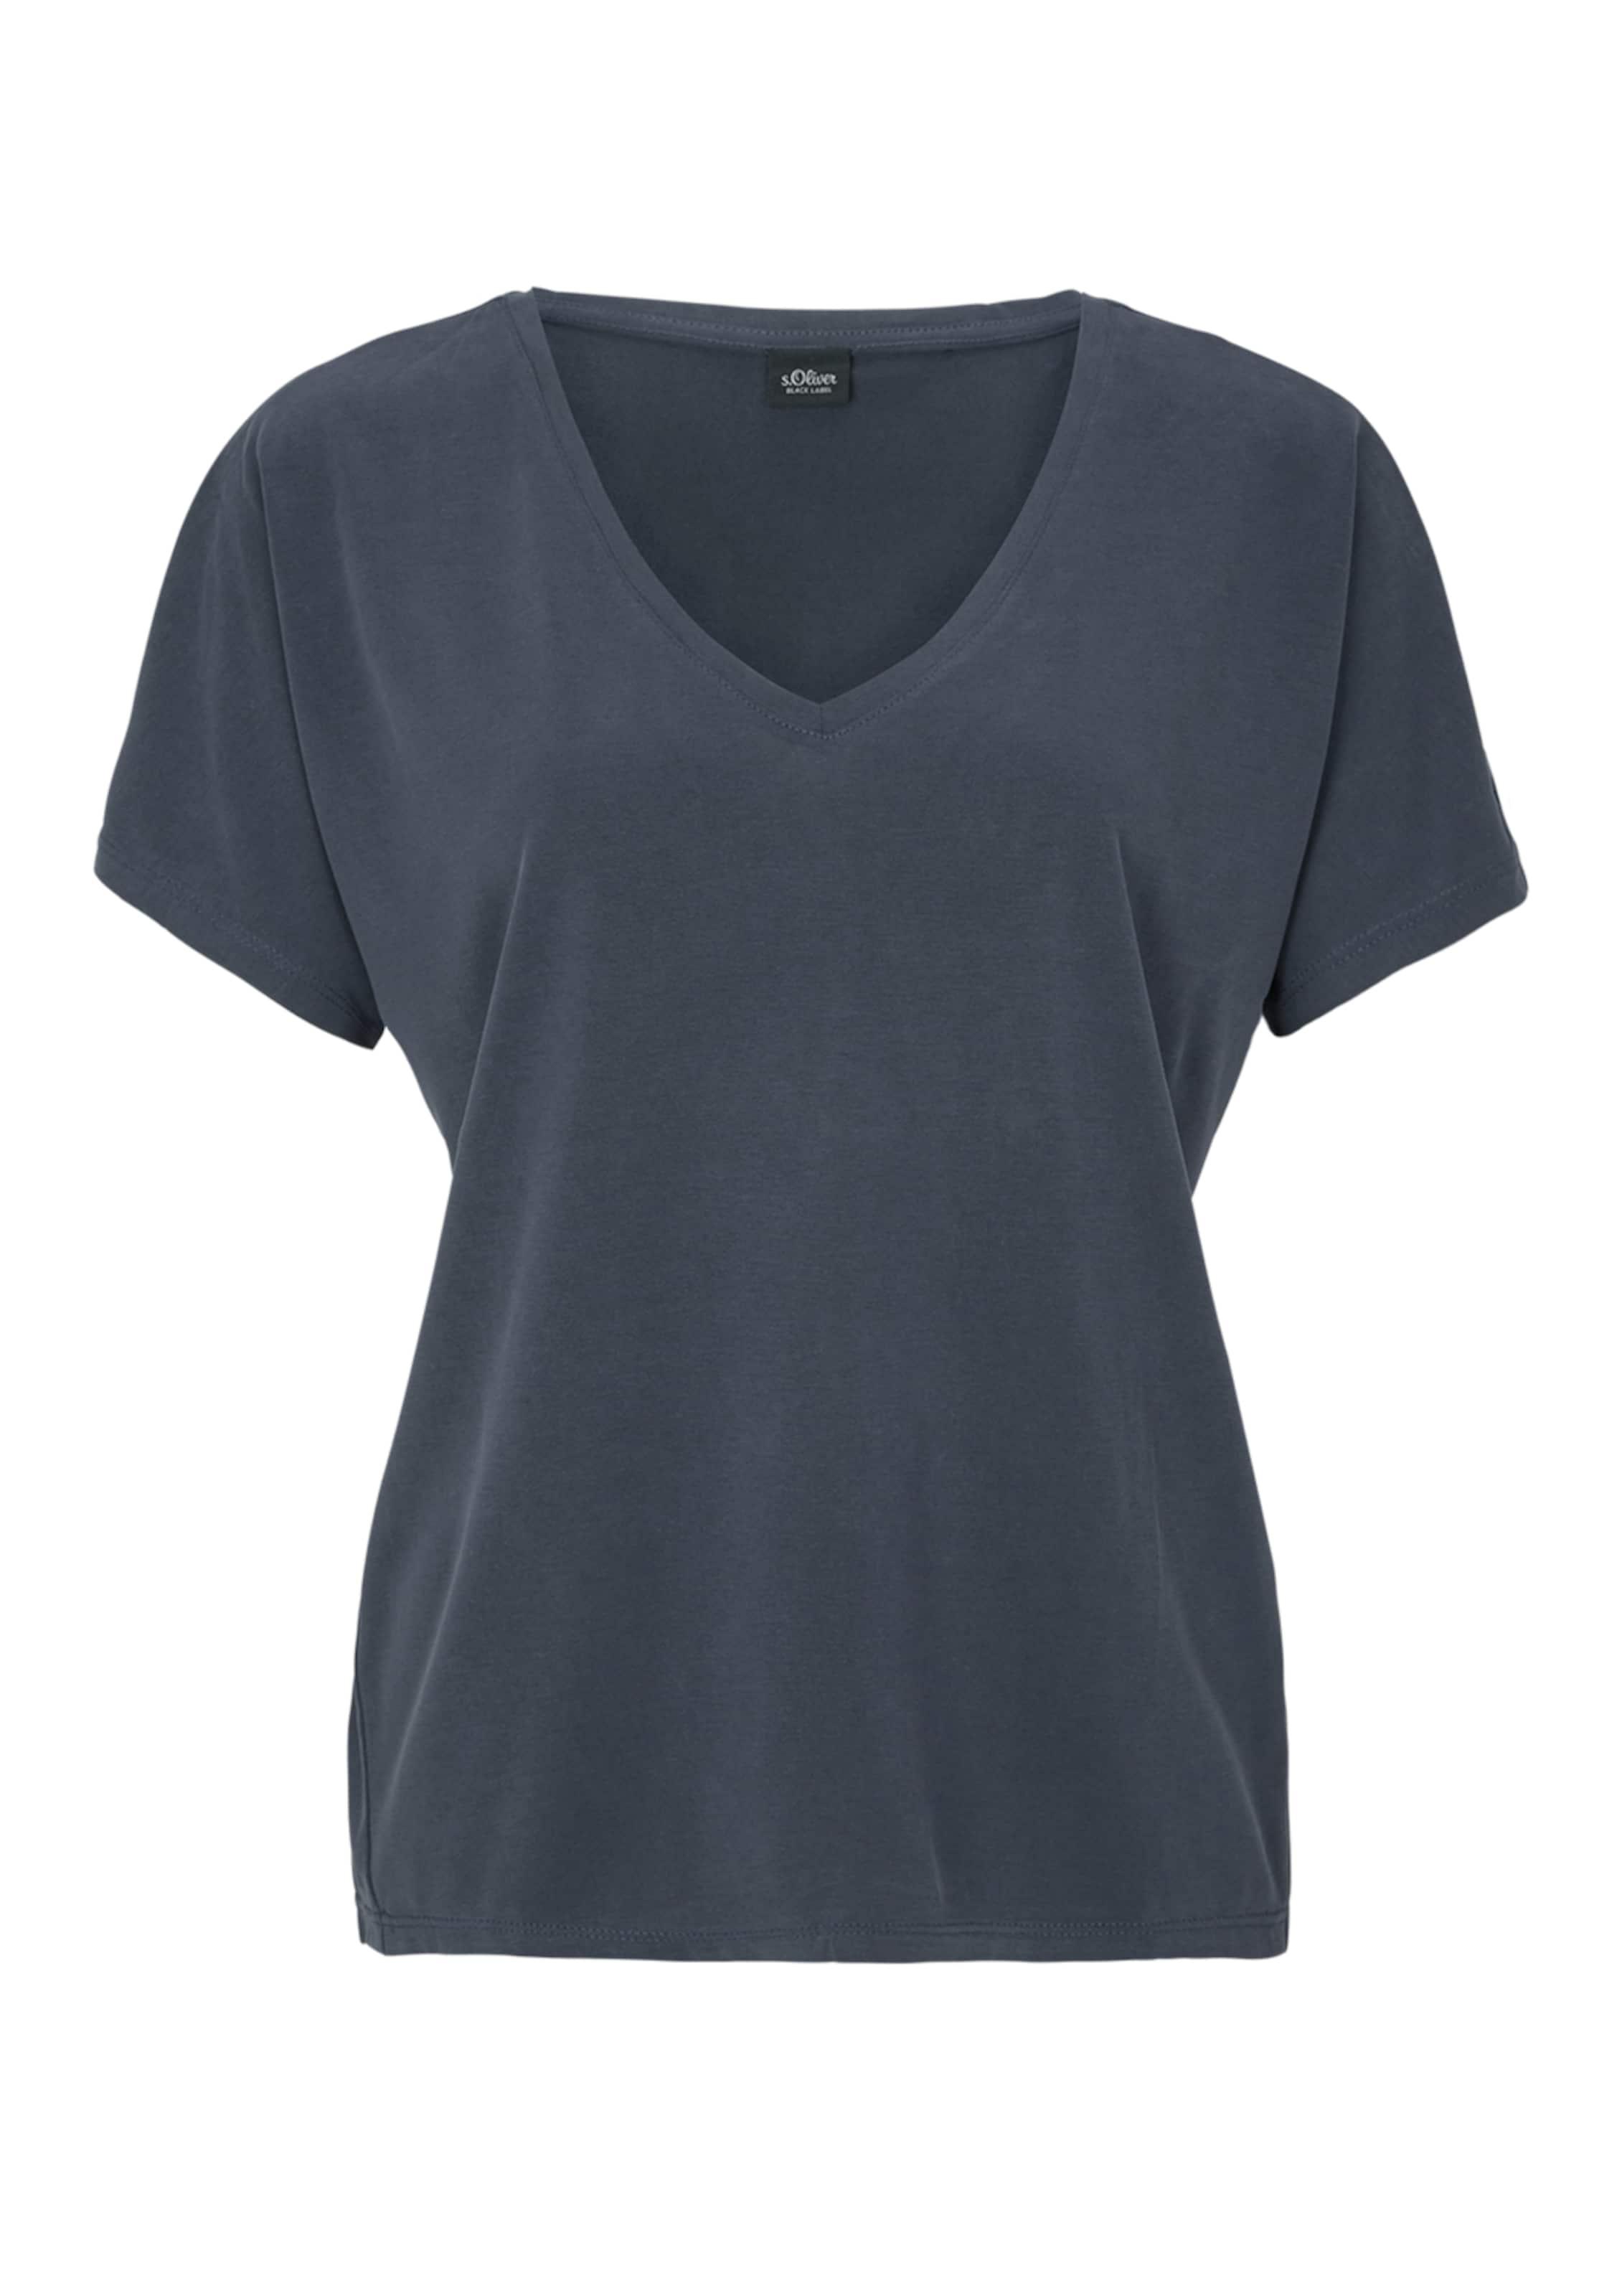 oliver Marine Label Black Shirt In S FcK1lJ